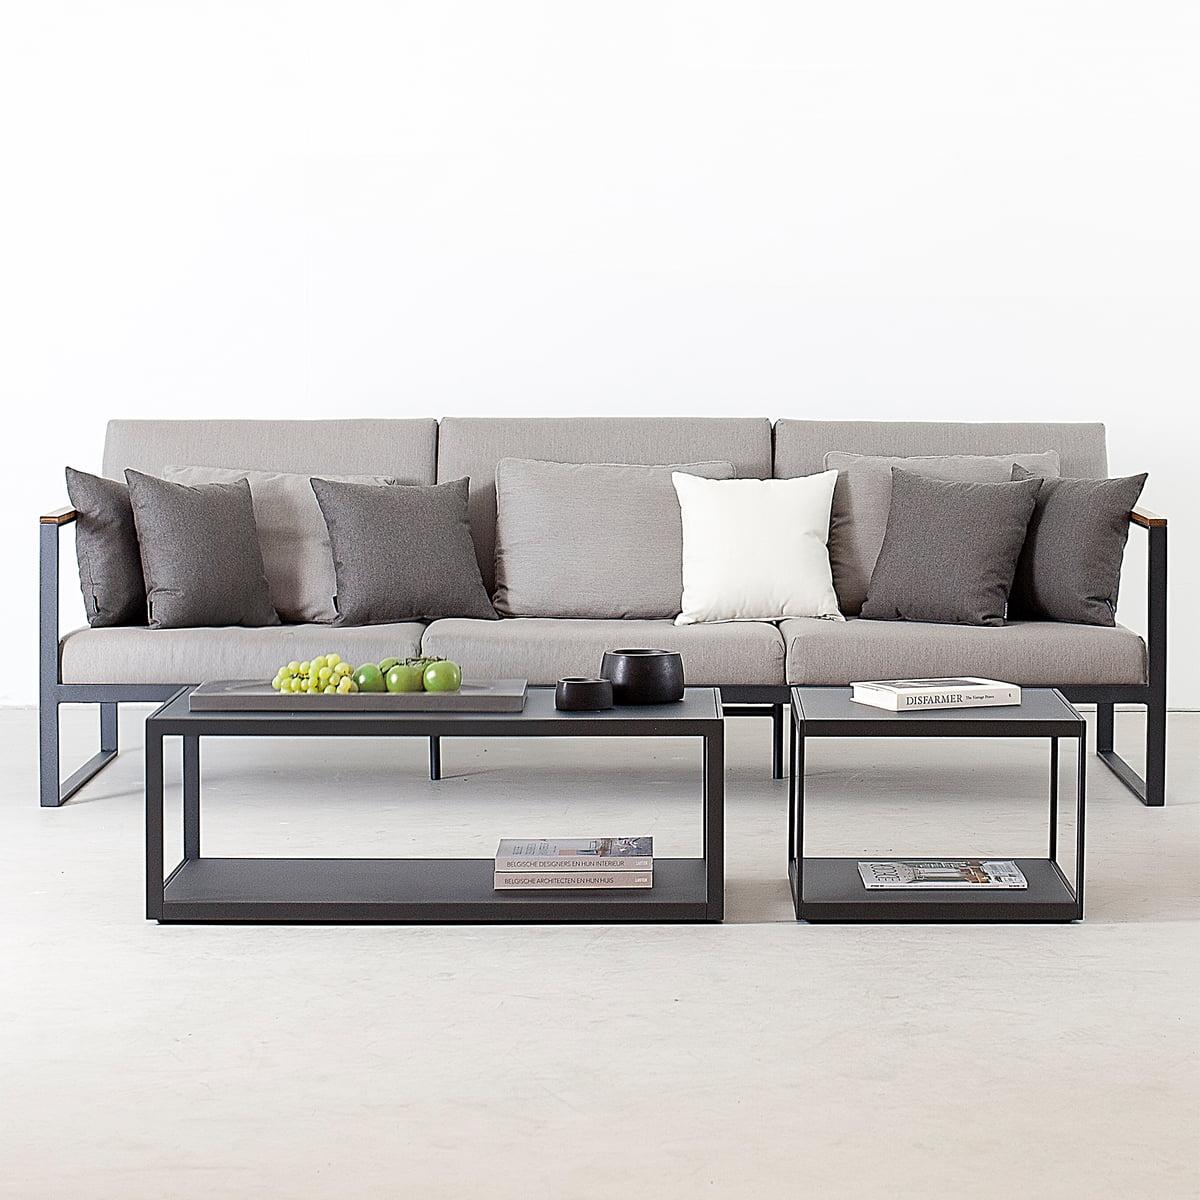 Liebenswert 3 Sitzer Couch Das Beste Von Das Röshults - Garden Easy 3-sitzer Sofa,